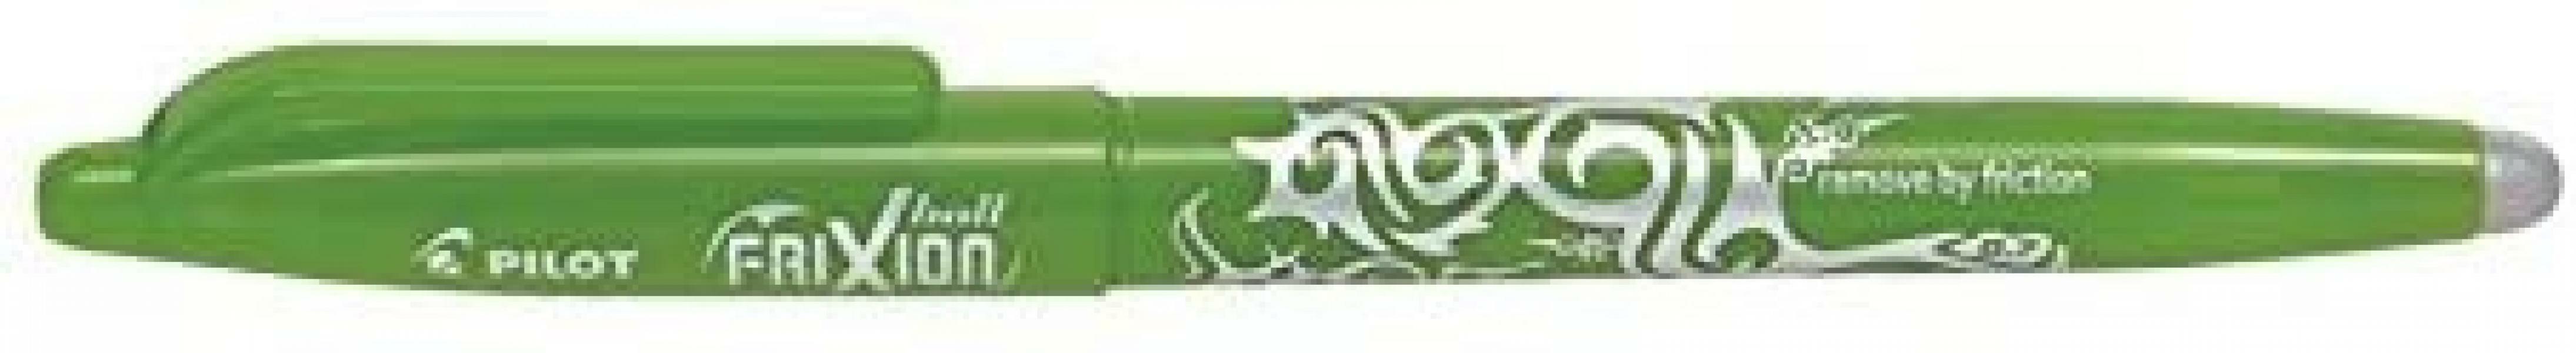 giocattoli penna a sfera frixion ball verde chiaro